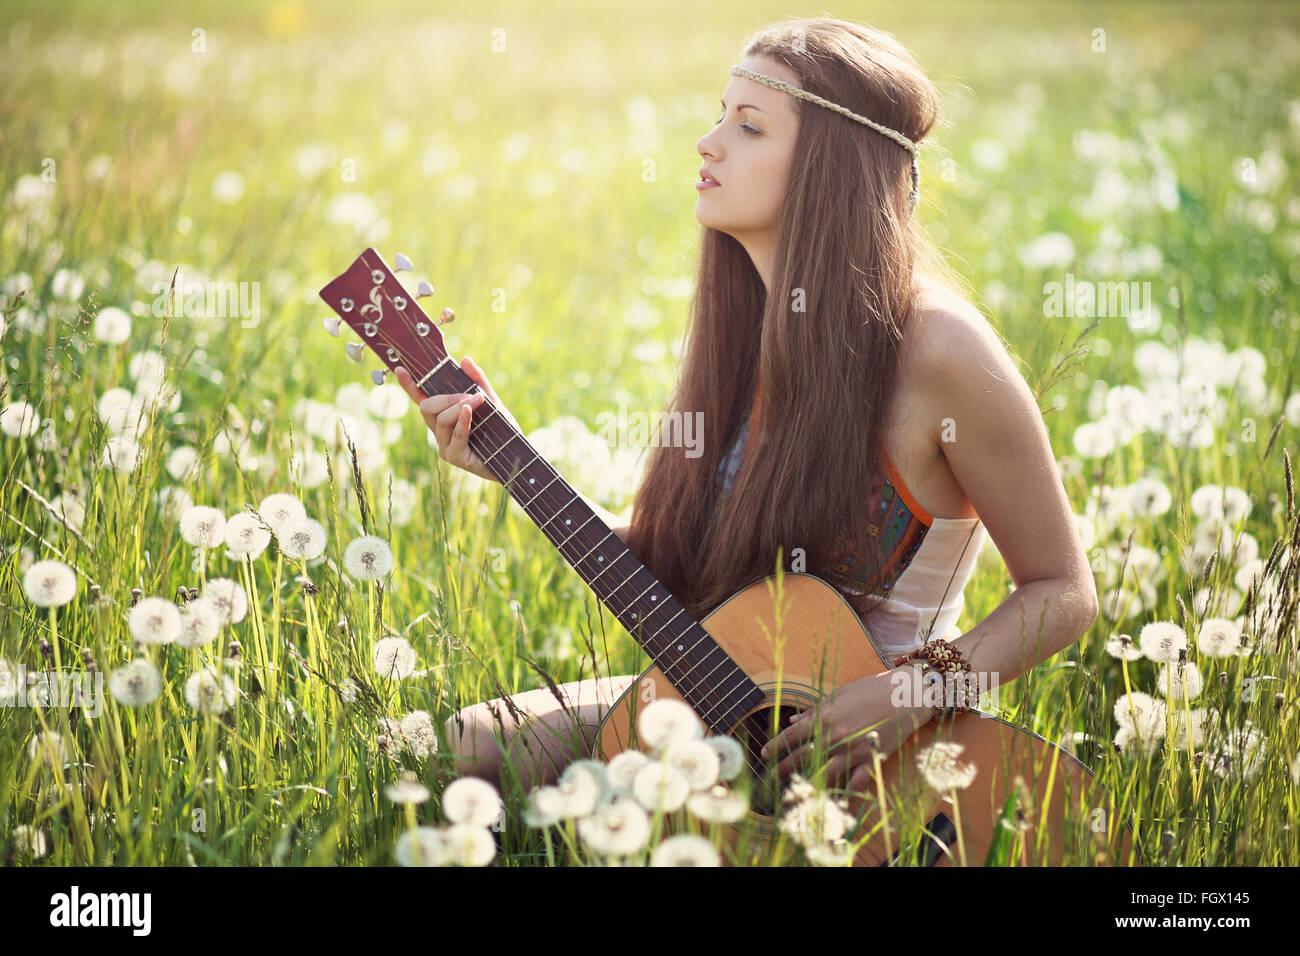 Feira Hippie da mulher com guitar no verão meadow . A harmonia da natureza Imagens de Stock